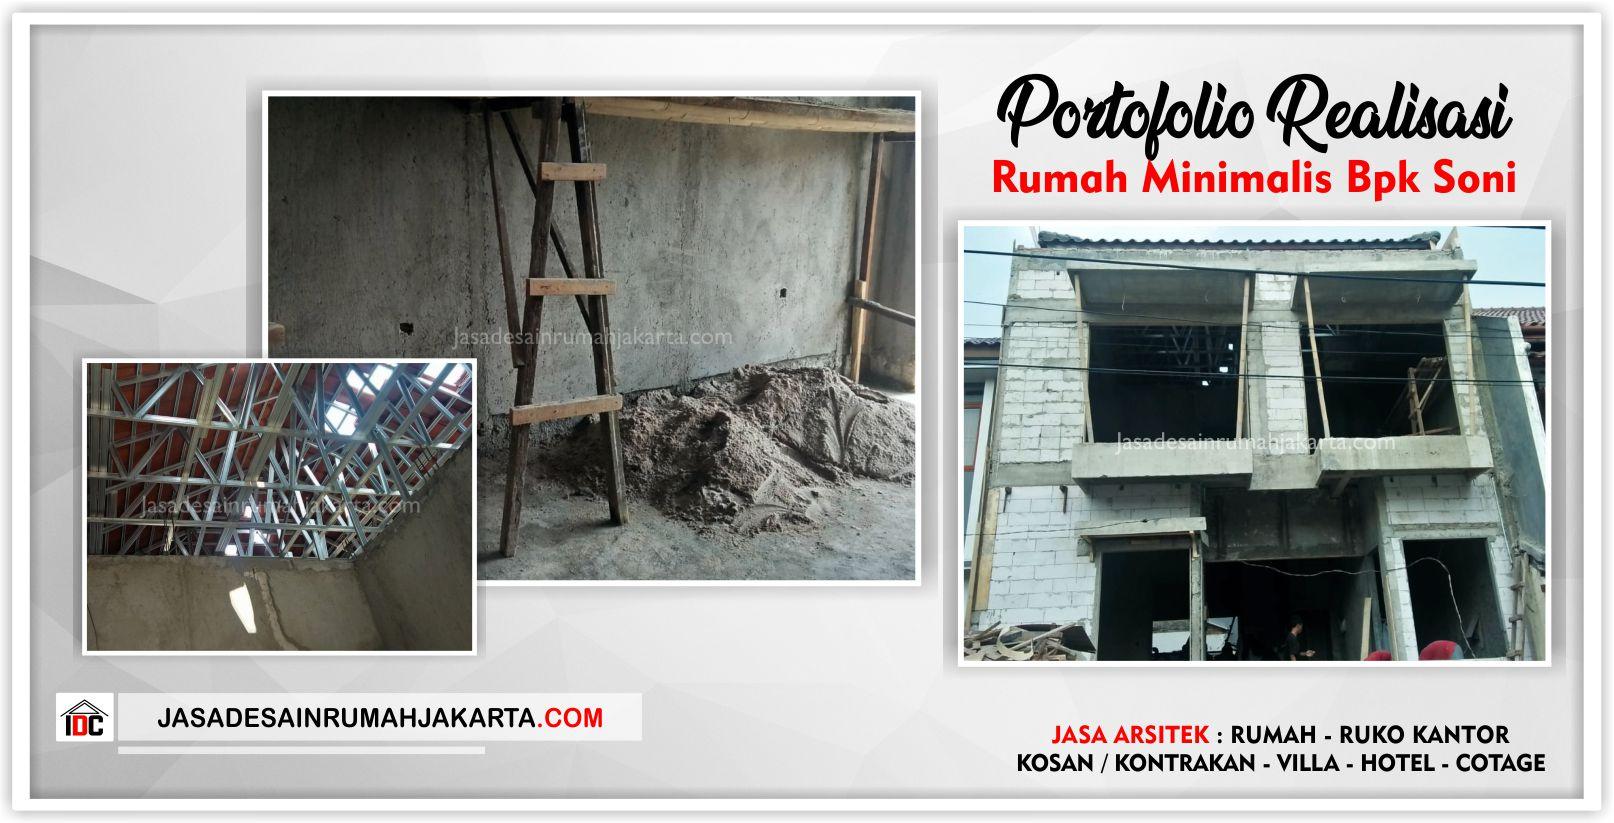 Realisasi Kunjungan Renovasi Rumah Bpk Soni-Arsitek Gambar Desain Rumah Klasik Modern Di Jakarta-Bekasi-Surabaya-Tangerang-Bandung-Jasa Konsultan Arsitek Profesional 4